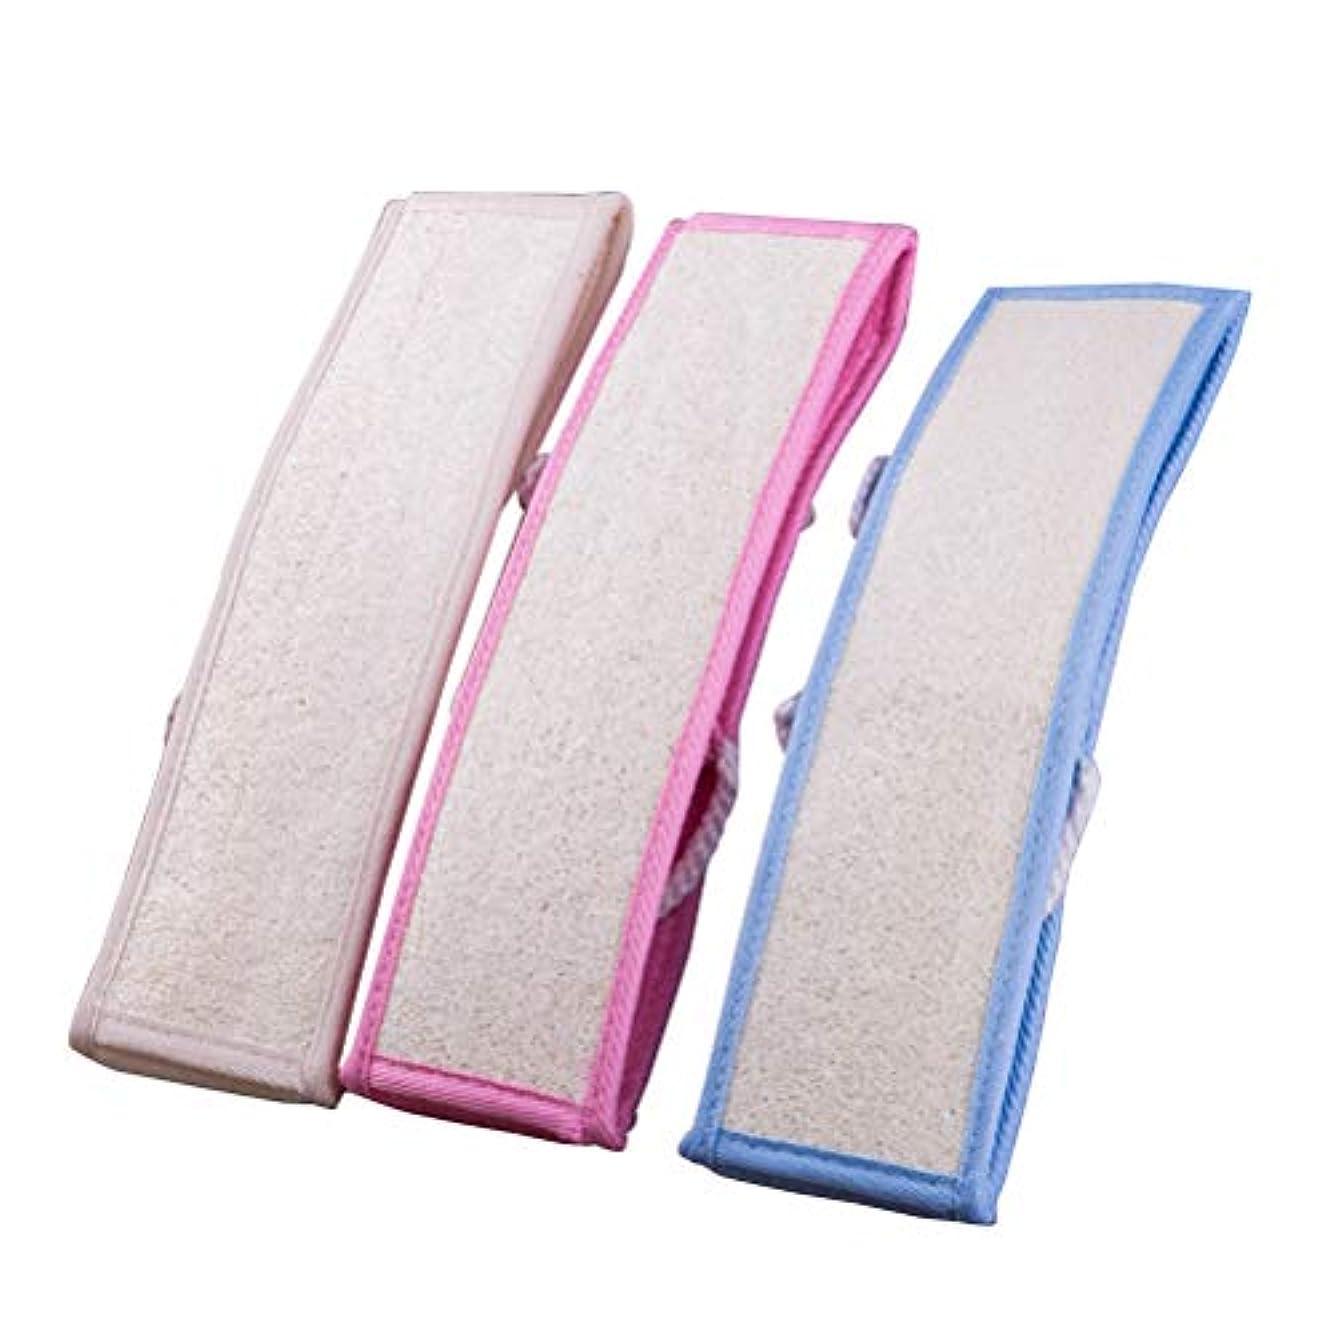 委員長絵魔女Healifty 3本のLoofahバックストラップ剥離バックスクラバーロングシャワーバスLoofah(青、ピンク、白各1個)